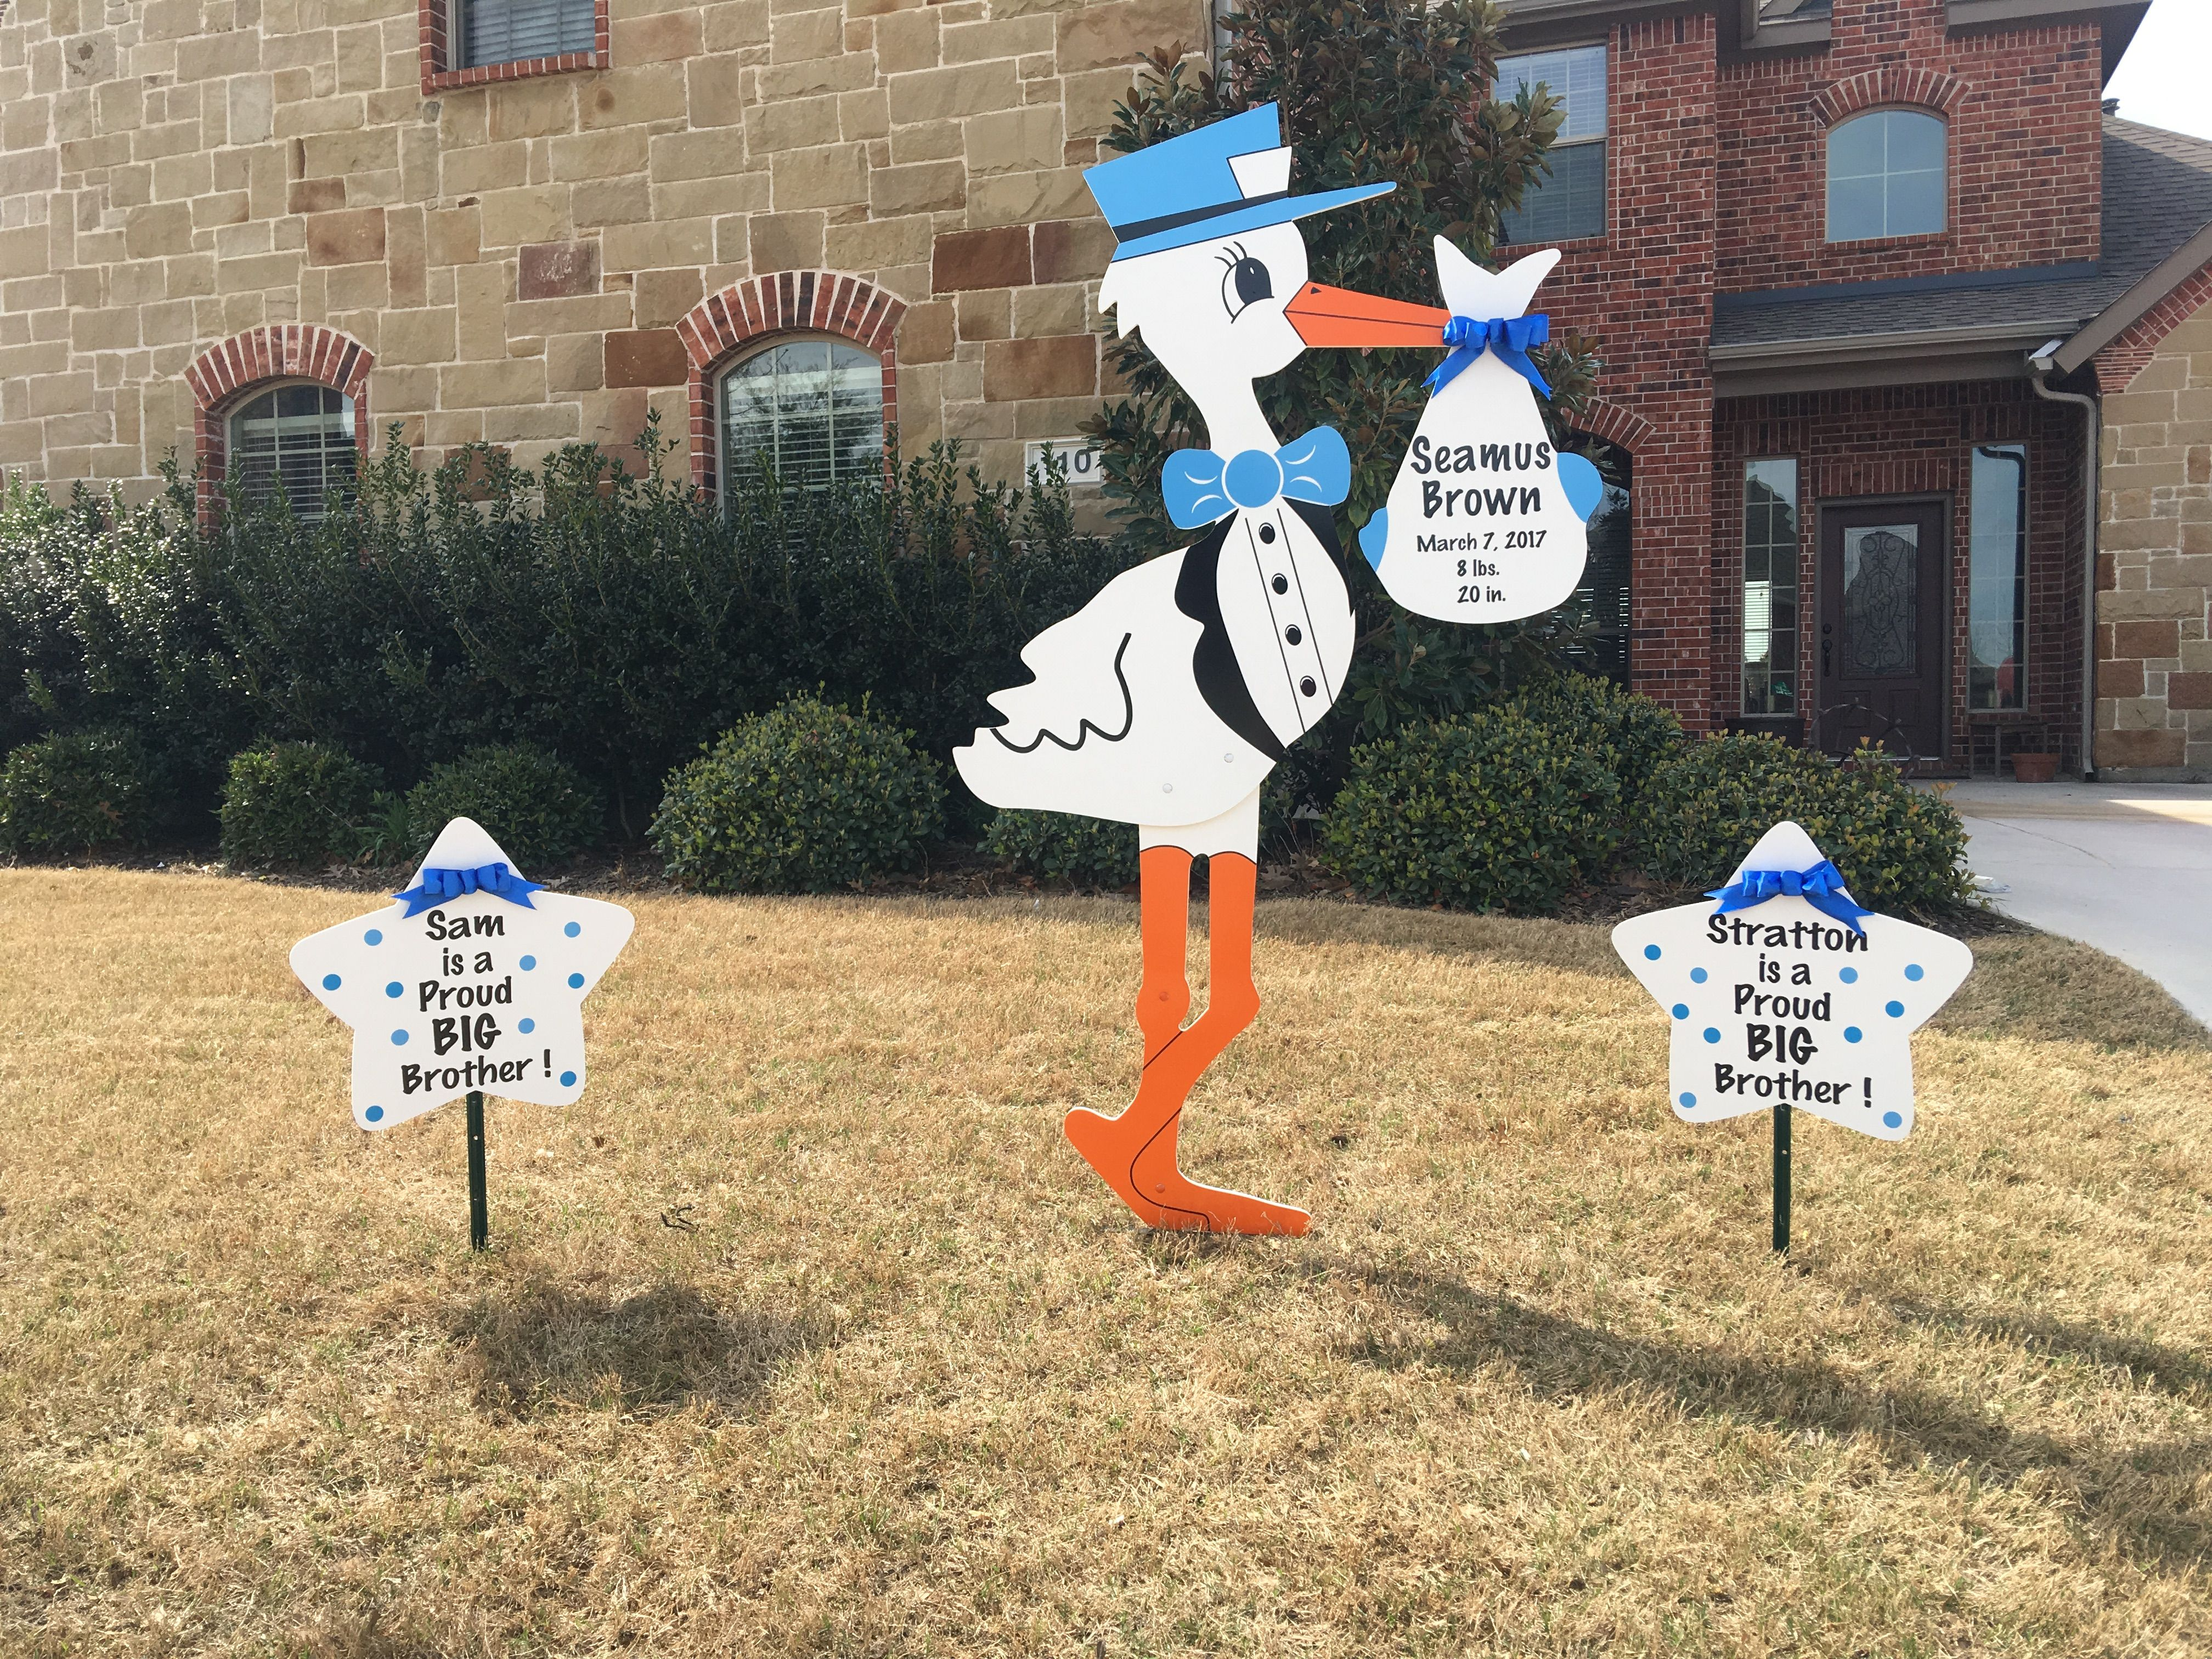 Prosper Texas Welcome Home Seamus Sam Stratton Are Proud Big Brothers Storks More Of Dallas And Abilene Dallas 214 9 Birthday Lawn Signs Stork Abilene